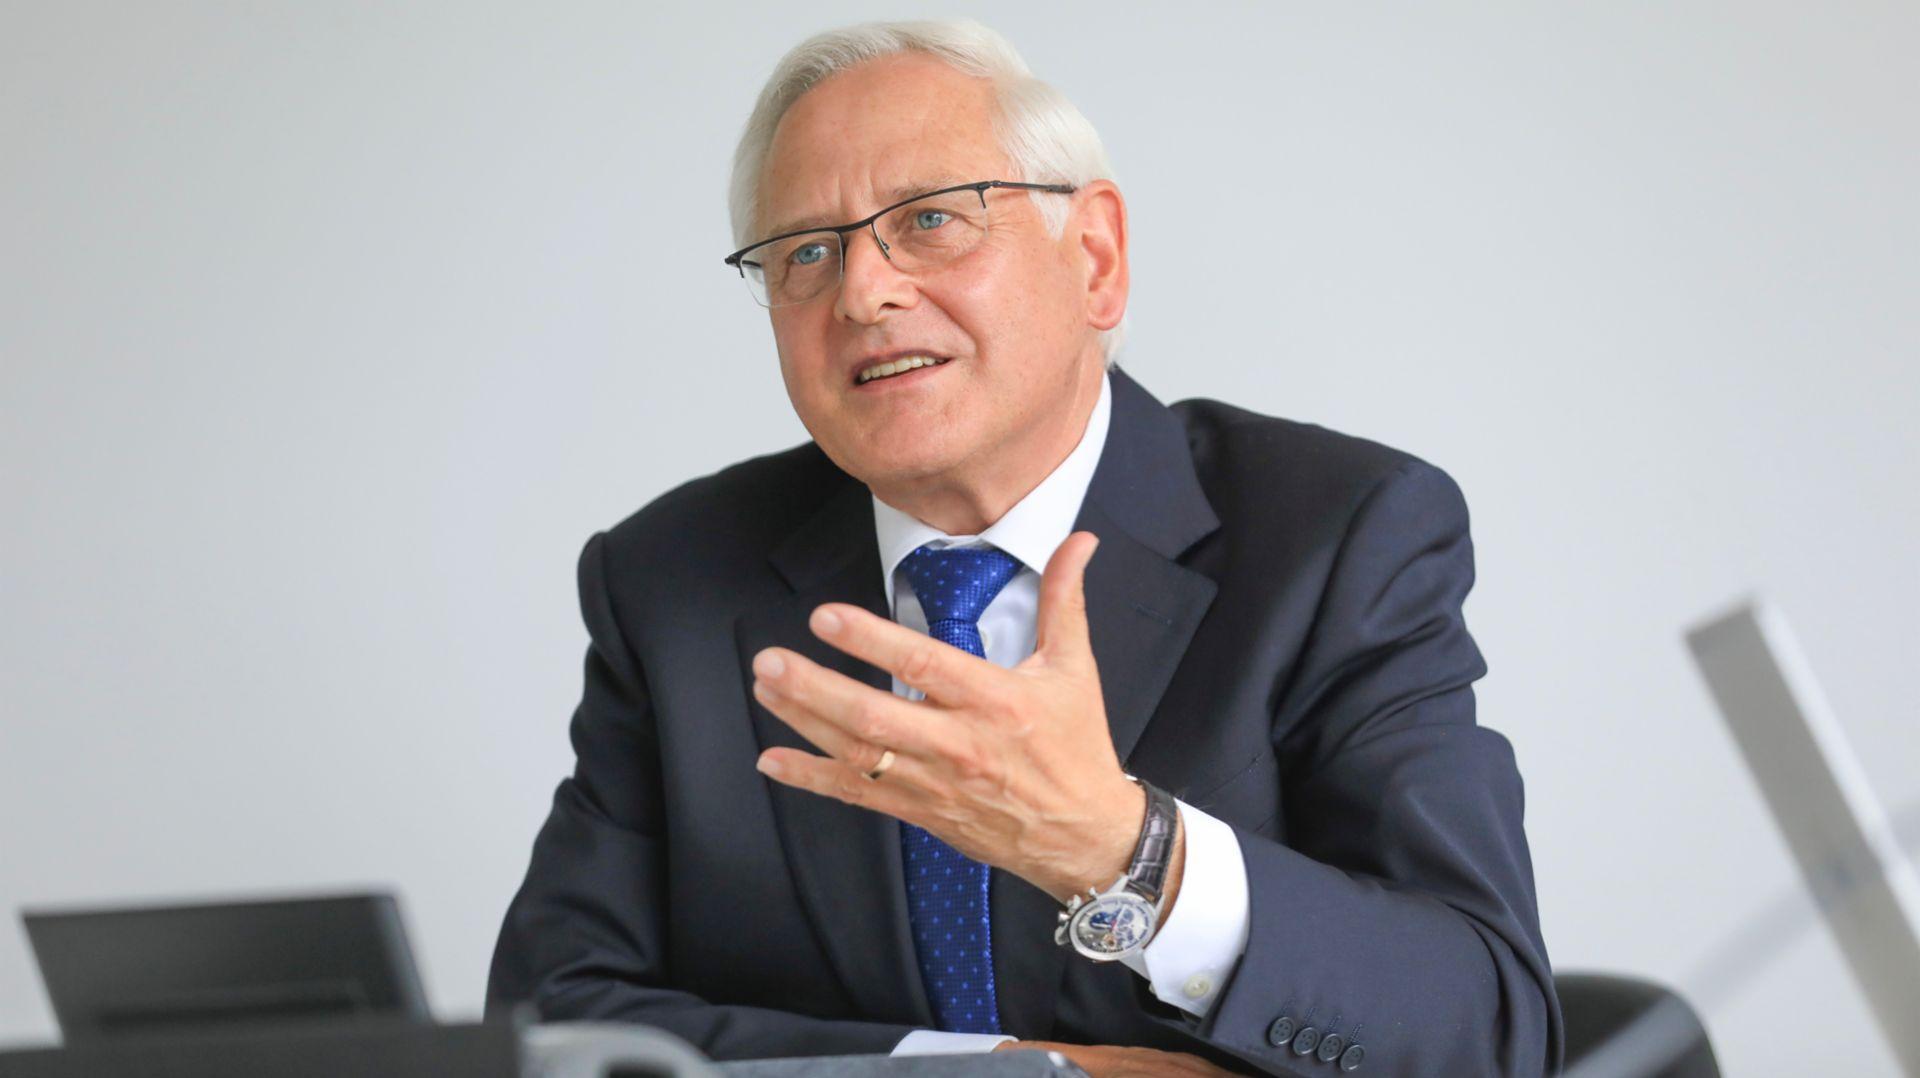 Uwe-Karsten Städter, Member of the Executive Board for Procurement, 2020, Porsche AG.